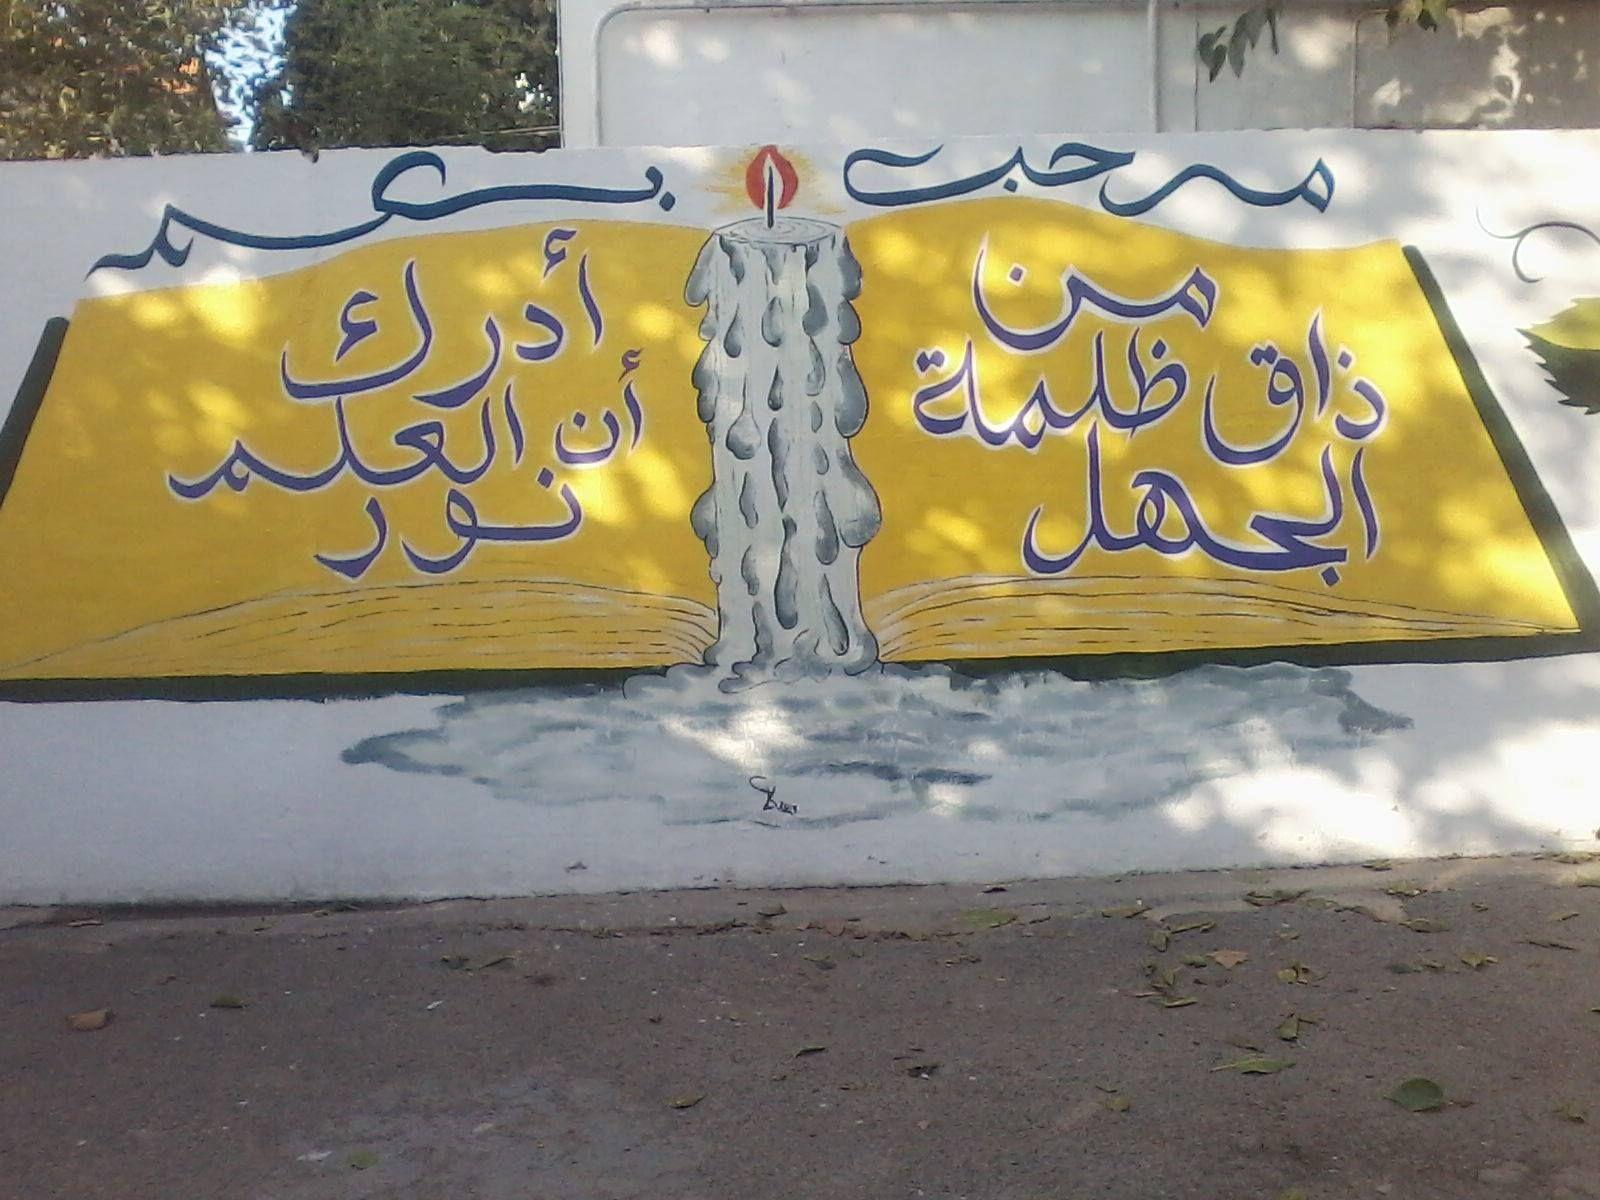 رسومات جدارية بسيطة للمدرسة من ذاق ظلمة الجهل أدرك أن العلم نور مصطفى نور الدين